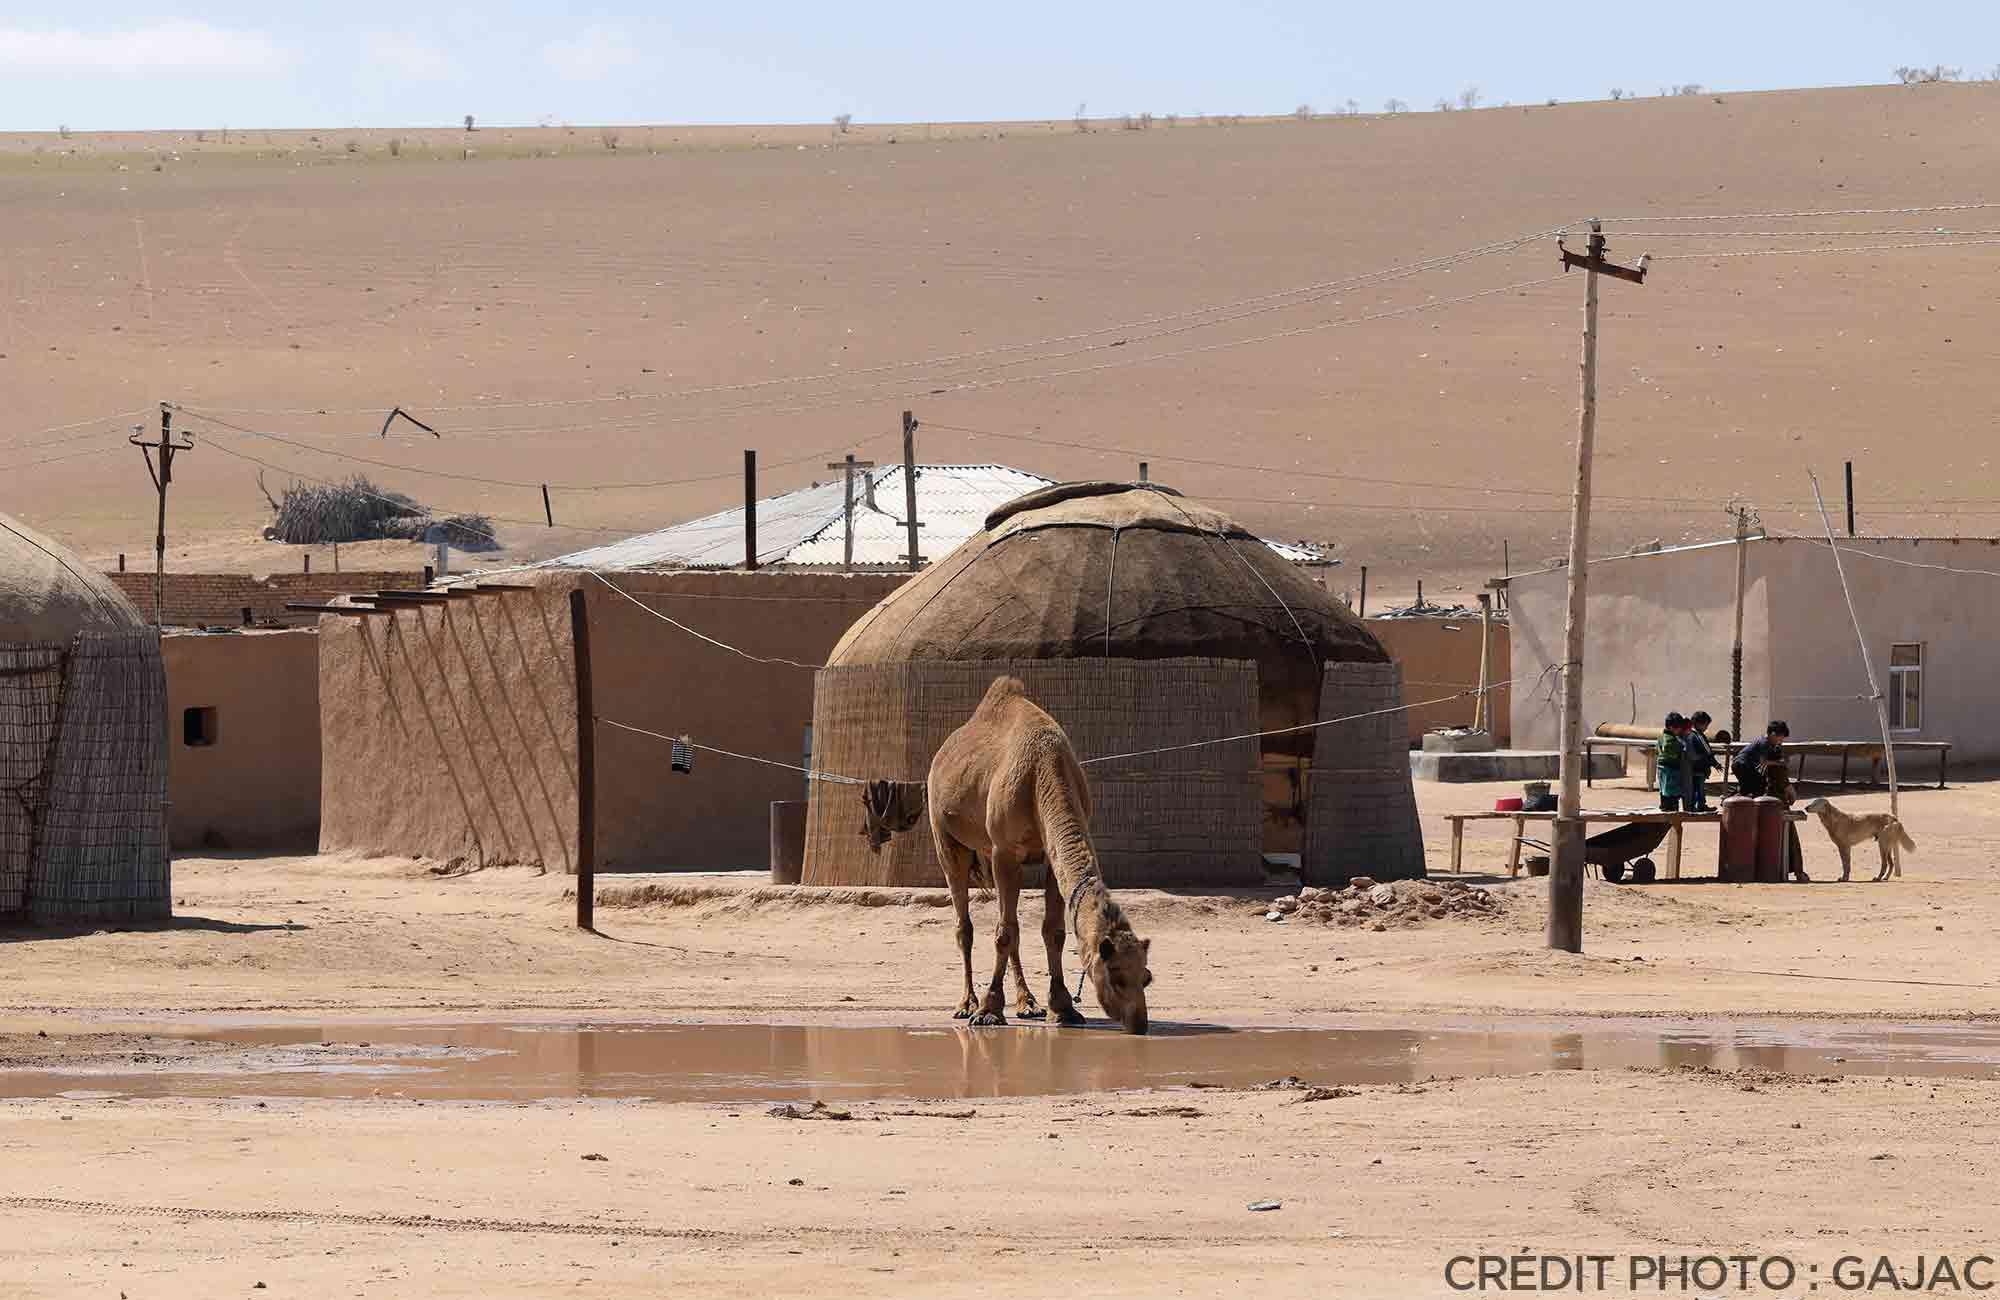 Voyage Ouzbékistan Route de la Soie - Village désert - Amplitudes